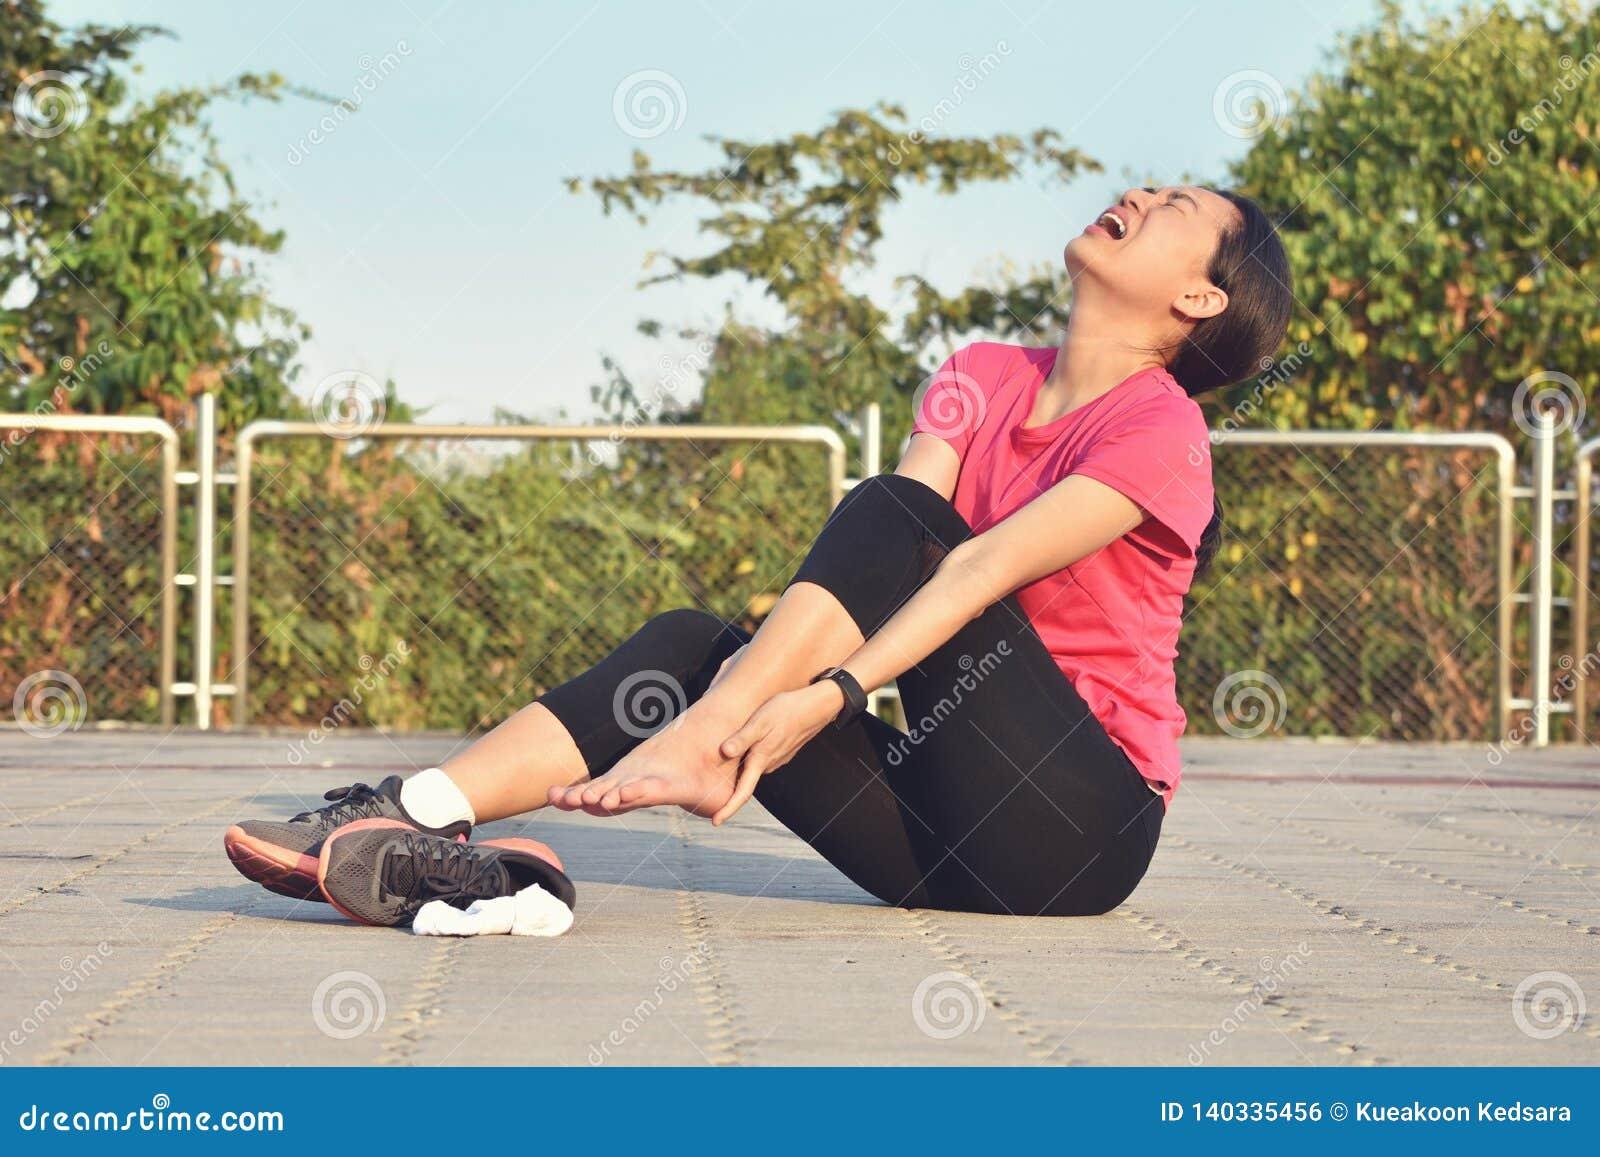 Kobieta biegacza kaleczenie trzyma bolesną zwichniętą kostkę w bólu